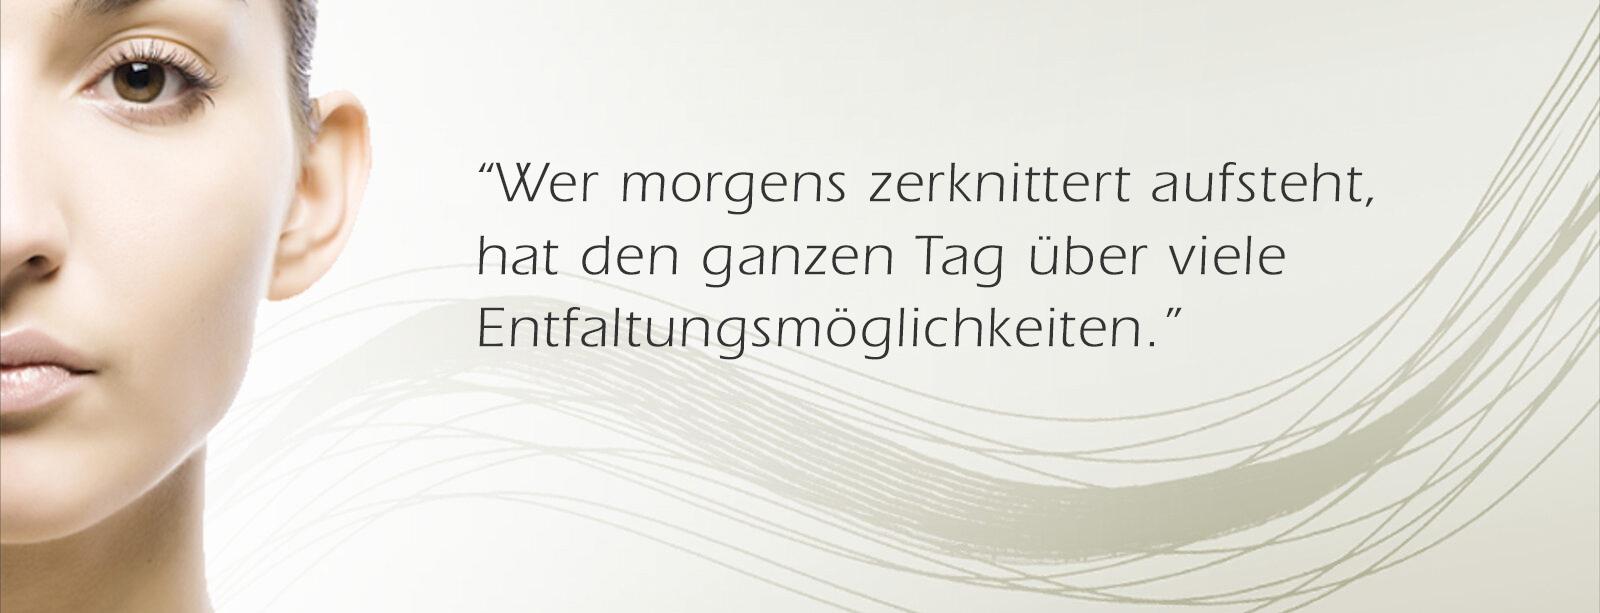 Estetica-Kosmetik_stgallen_zitat